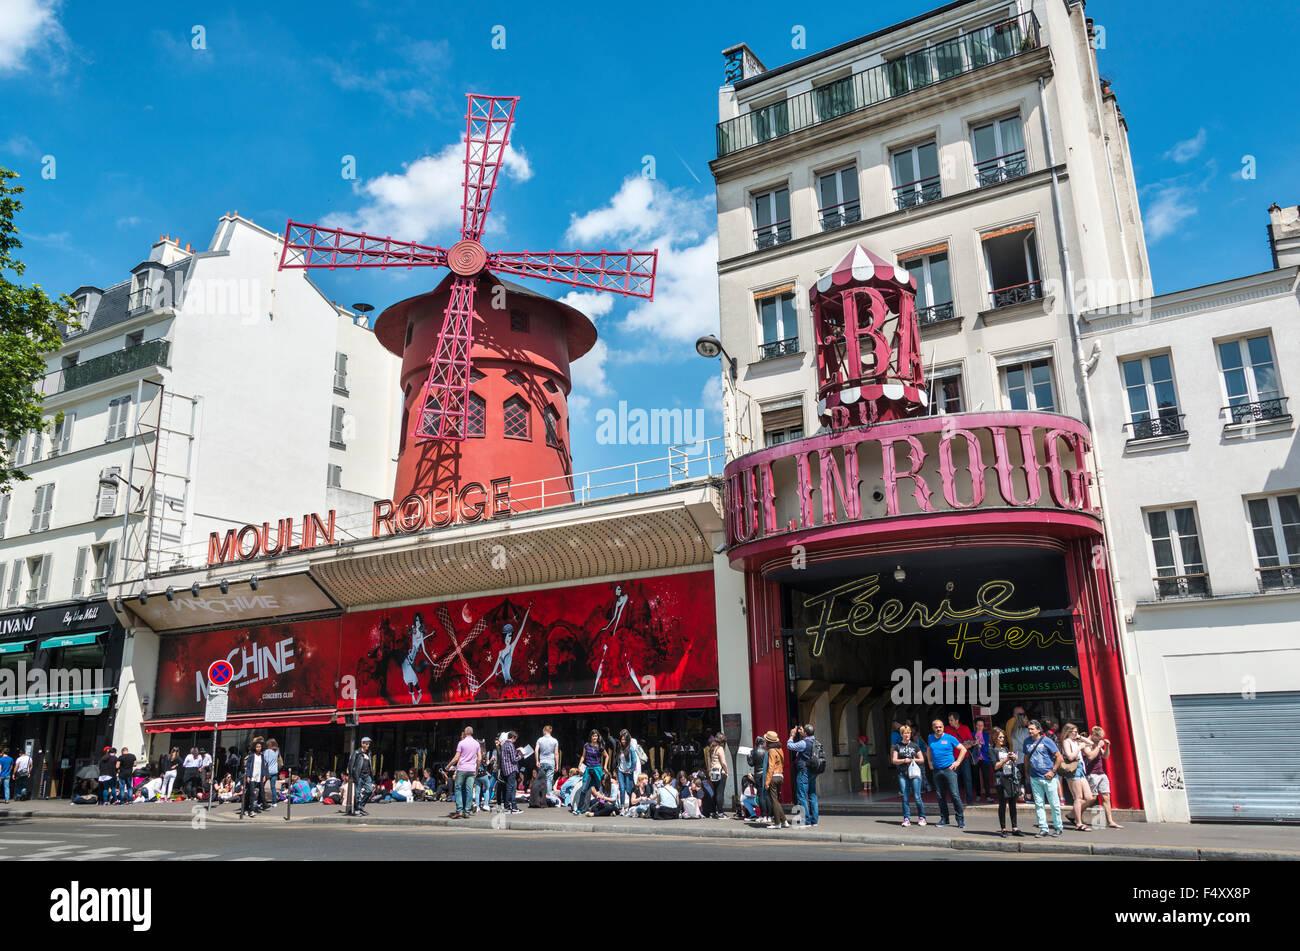 Moulin Rouge, Montmartre, Paris, Ile-de-France, France - Stock Image